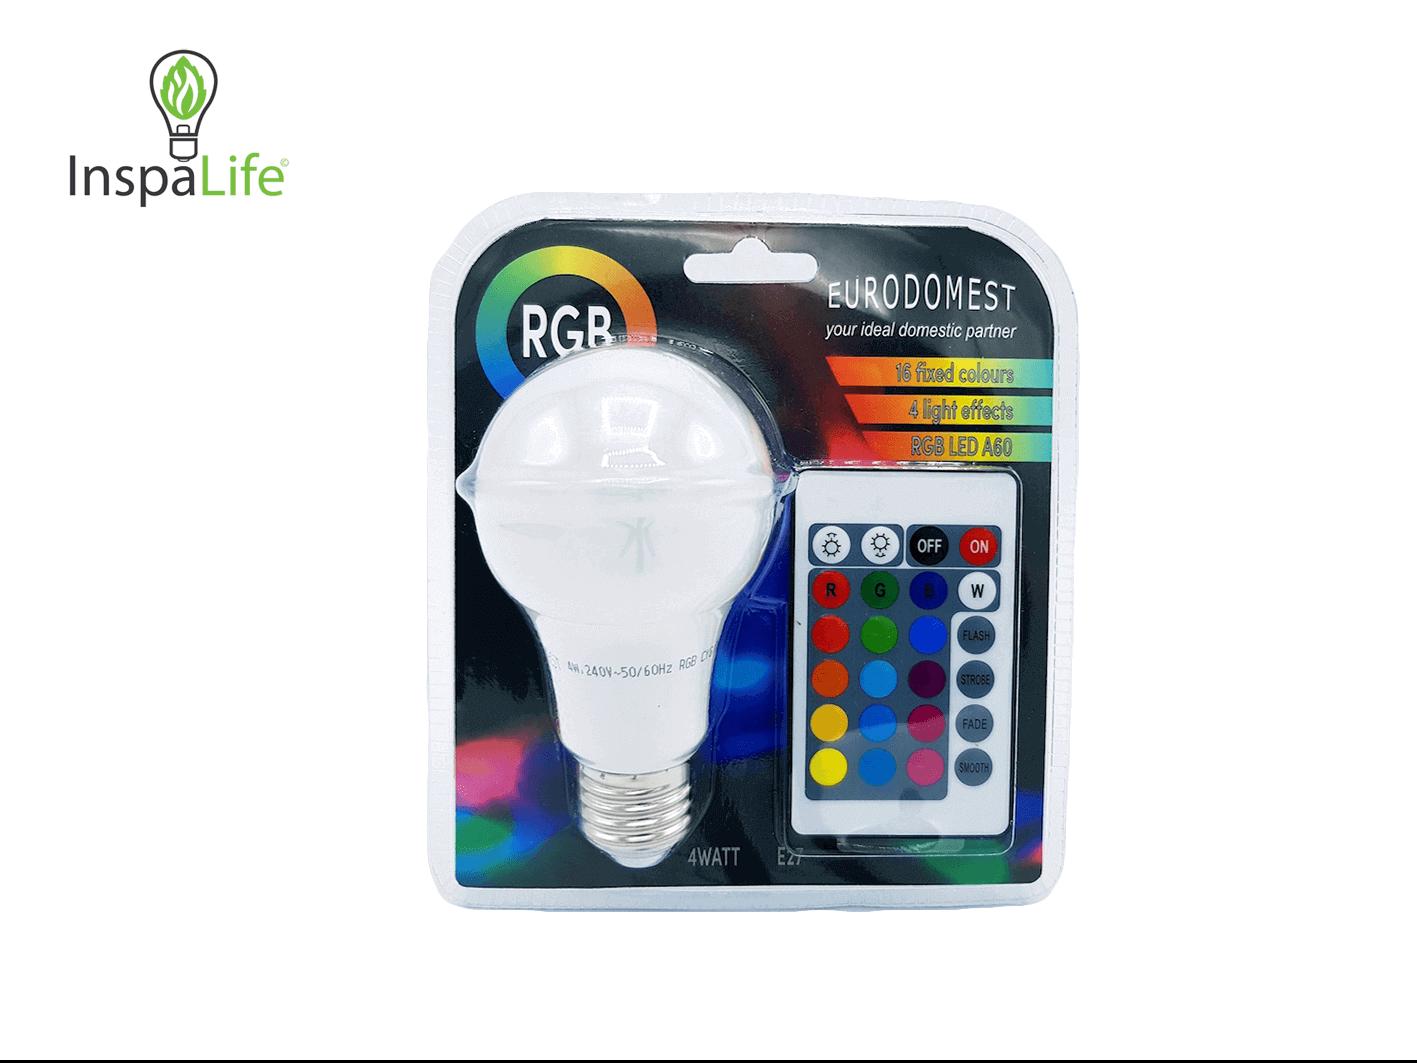 Lampen Op Afstandsbediening : Inspalife groene producten rgb led lamp met afstandsbediening